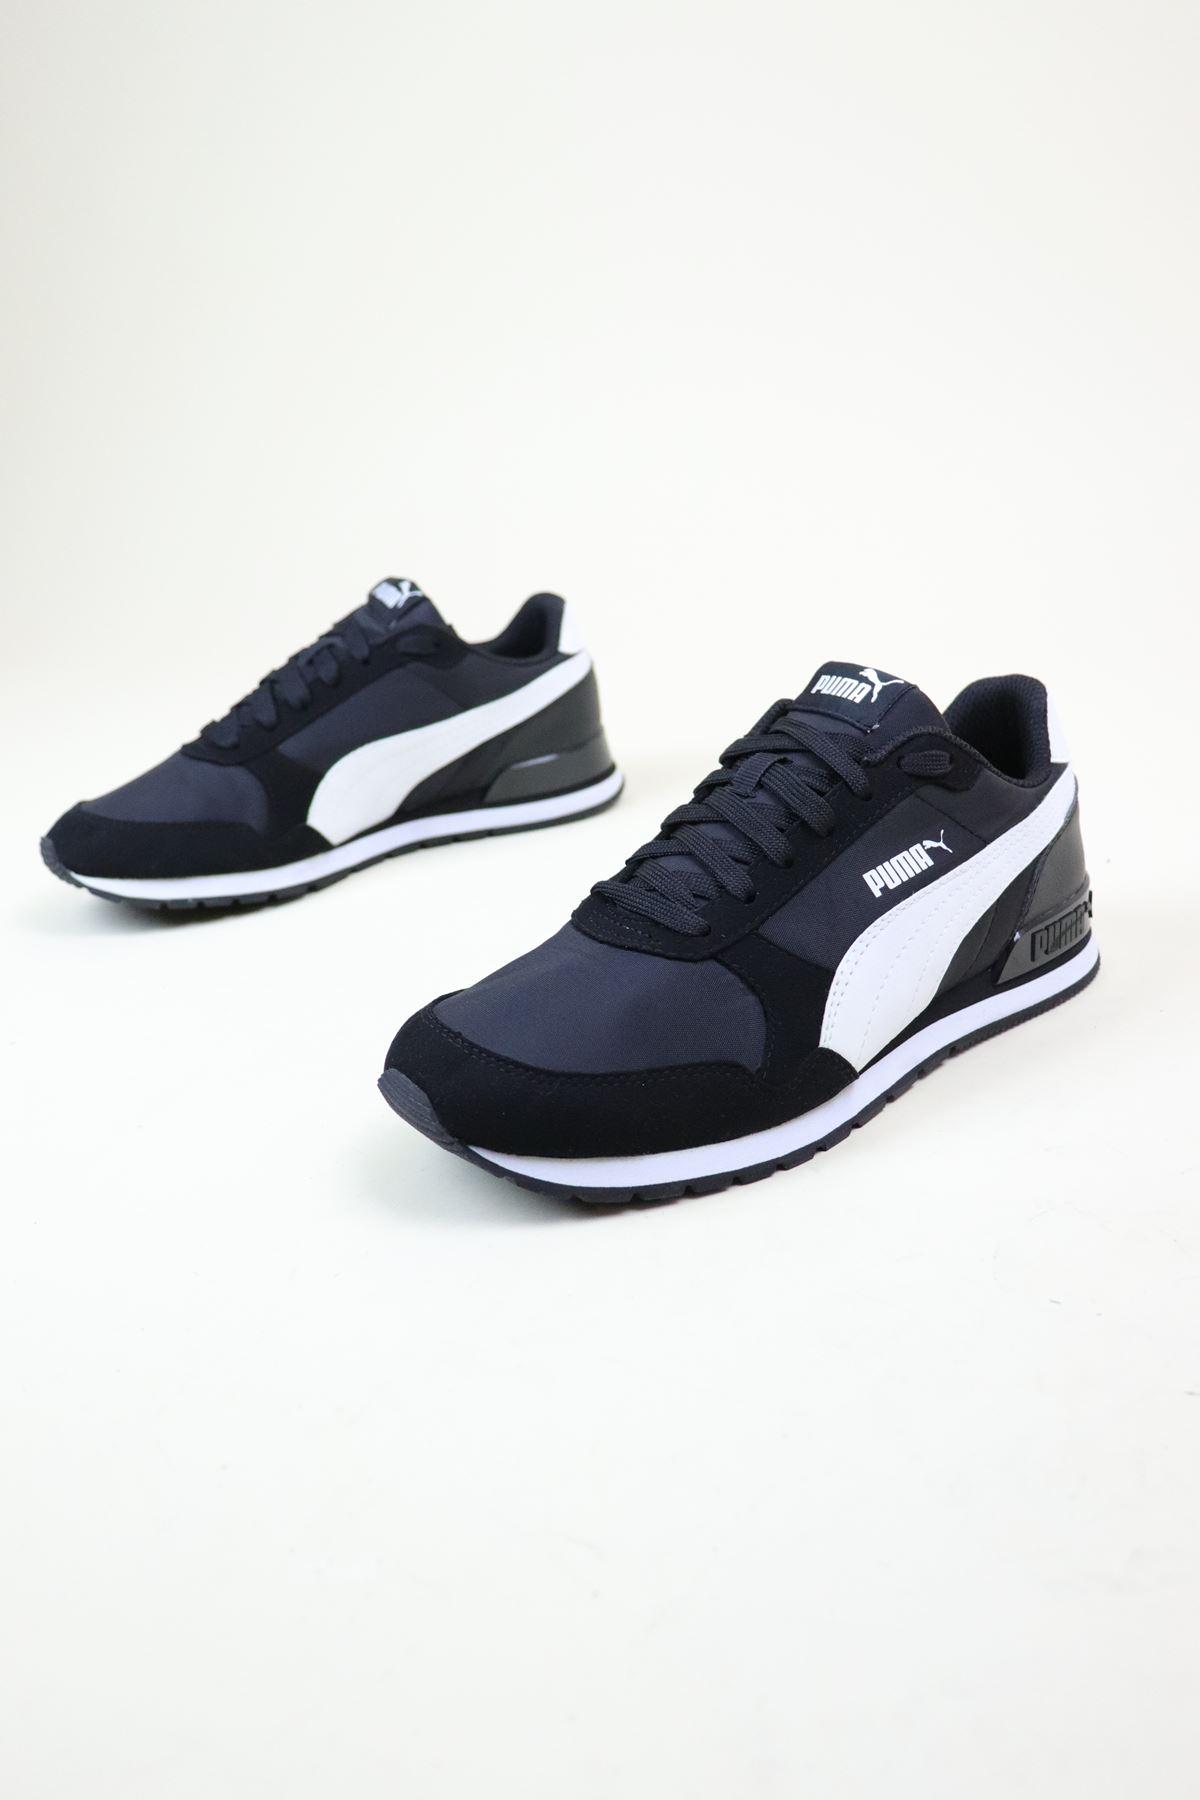 Puma 365293 Siyah Kadın Spor Ayakkabı